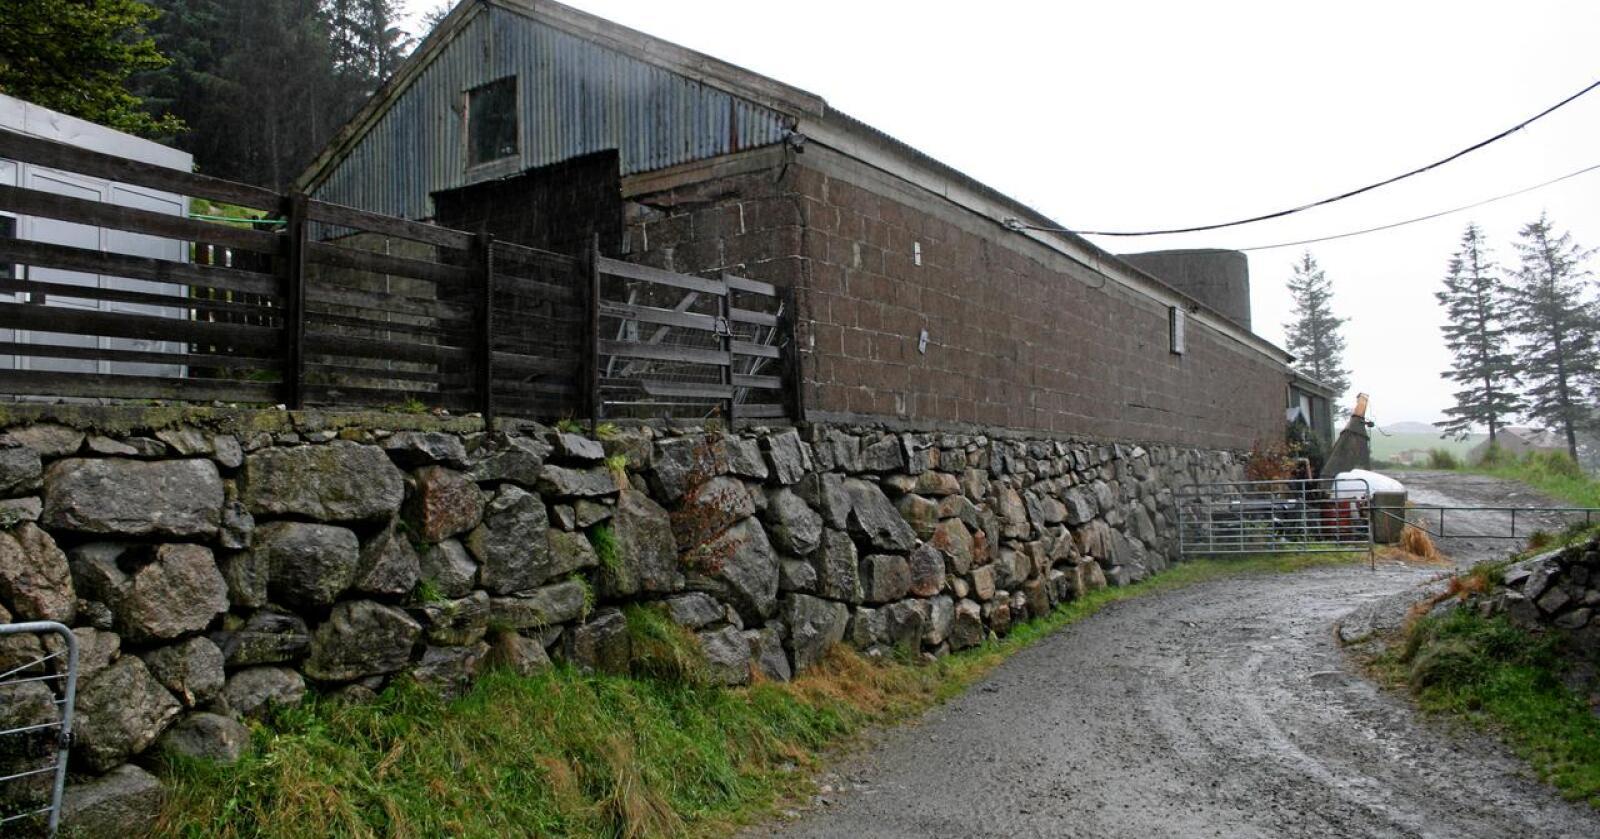 Ombyggingsprosjekt: Mange fjøs fra etterkrigstiden kan brukes til nye ting. Foto: Bjarne B. Aase